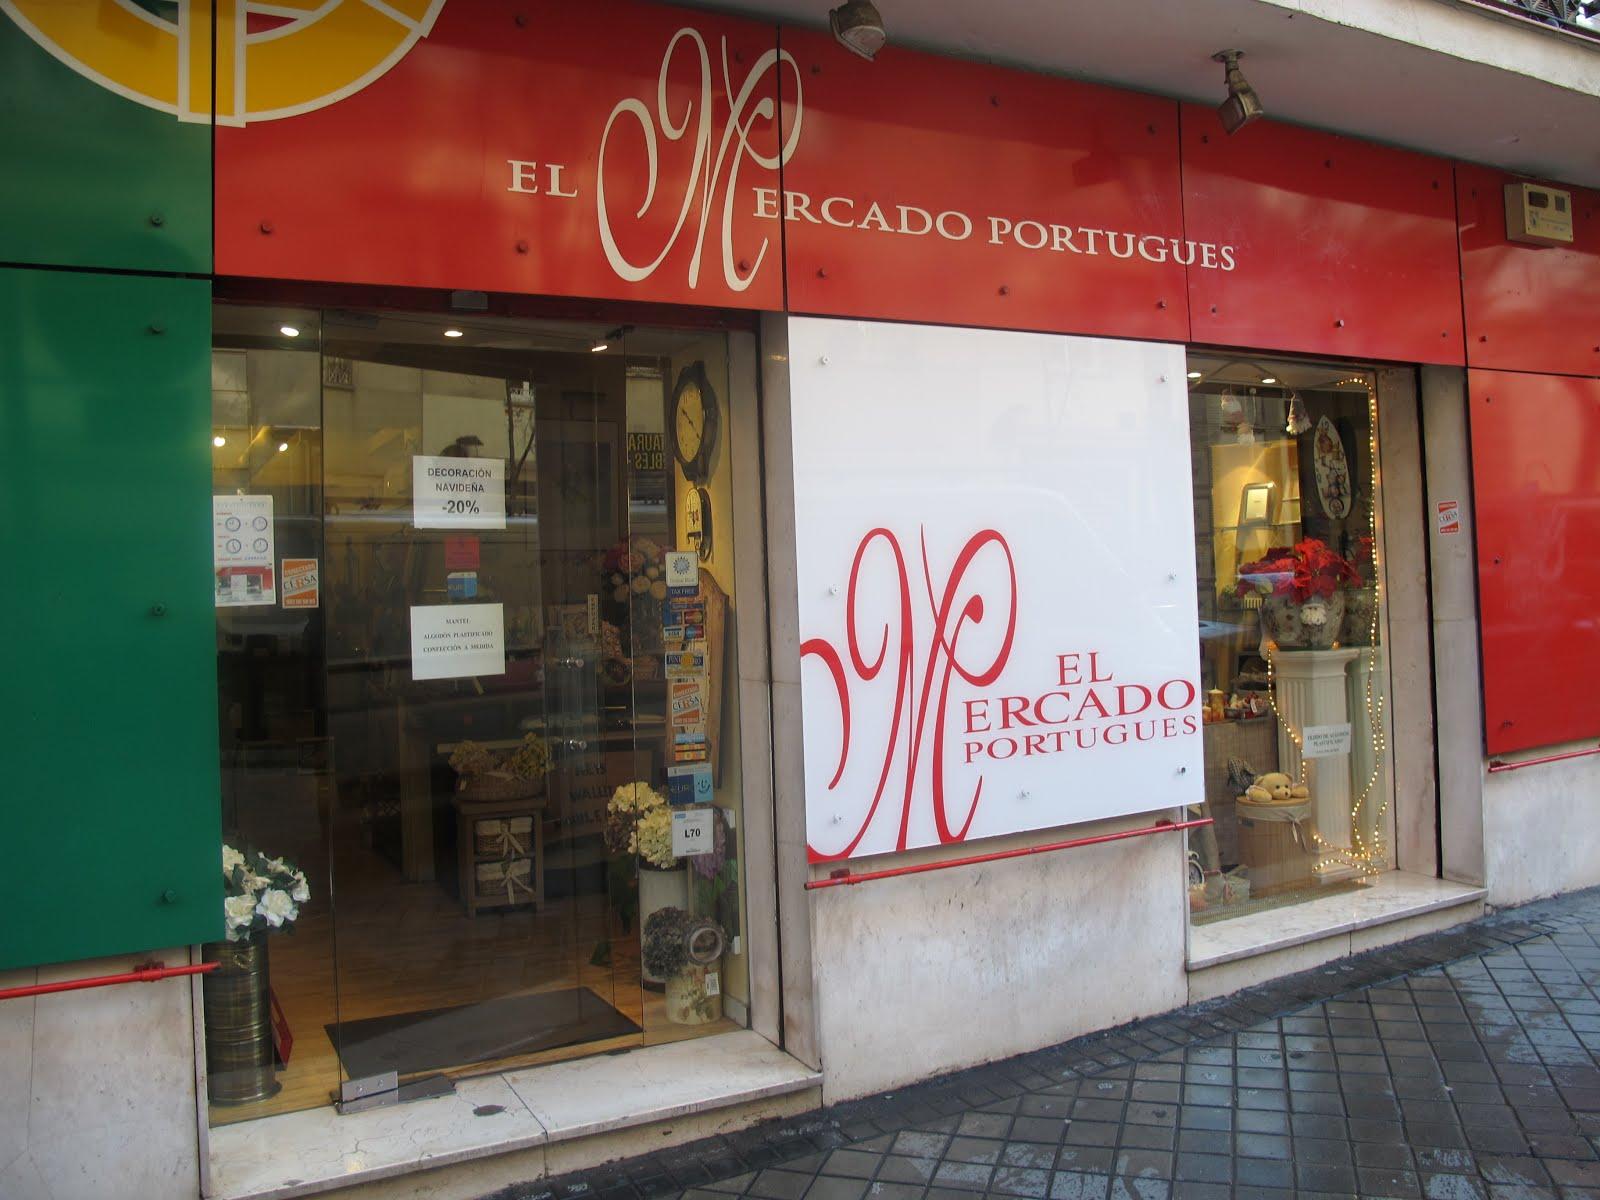 El Mercado Portugues